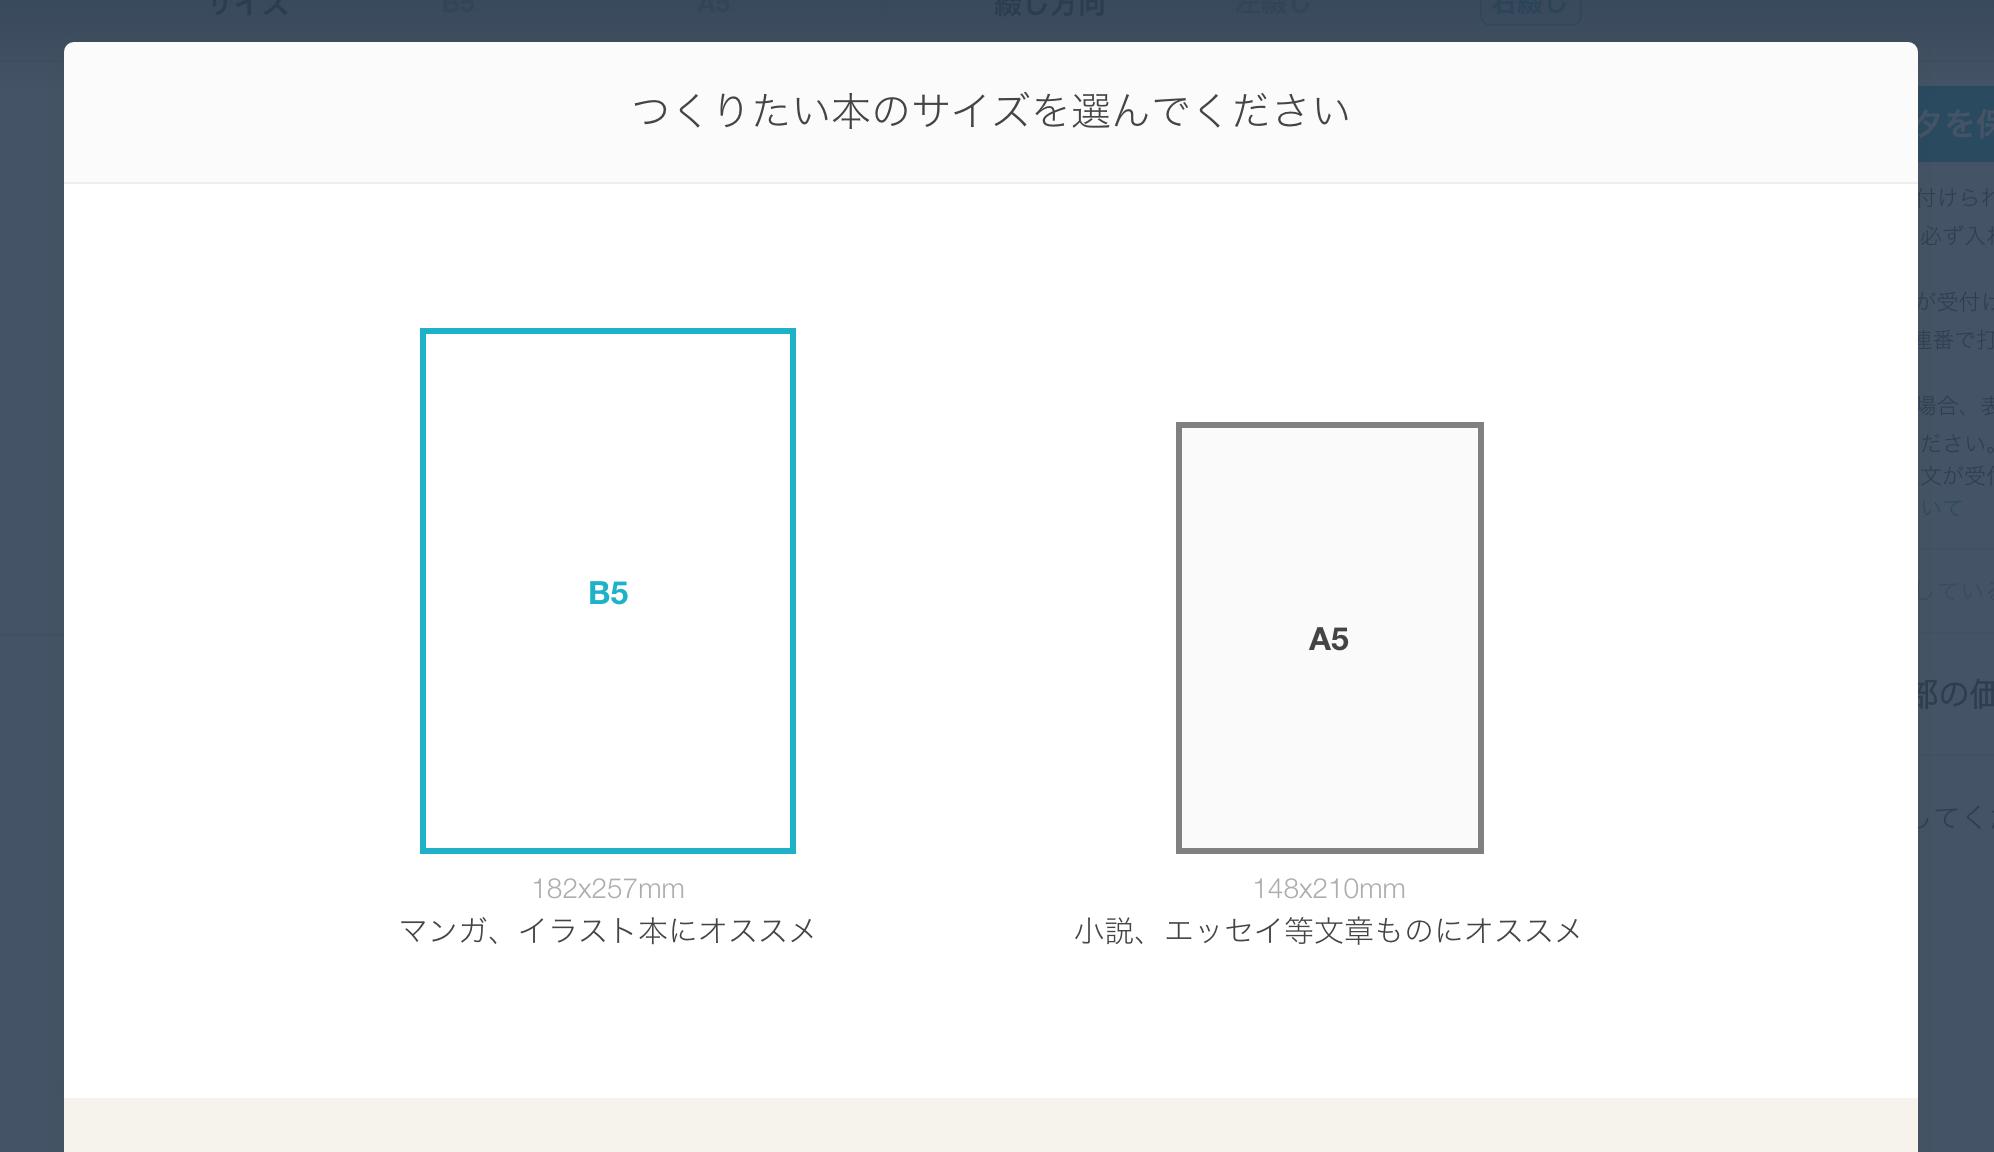 本のサイズ選択画面